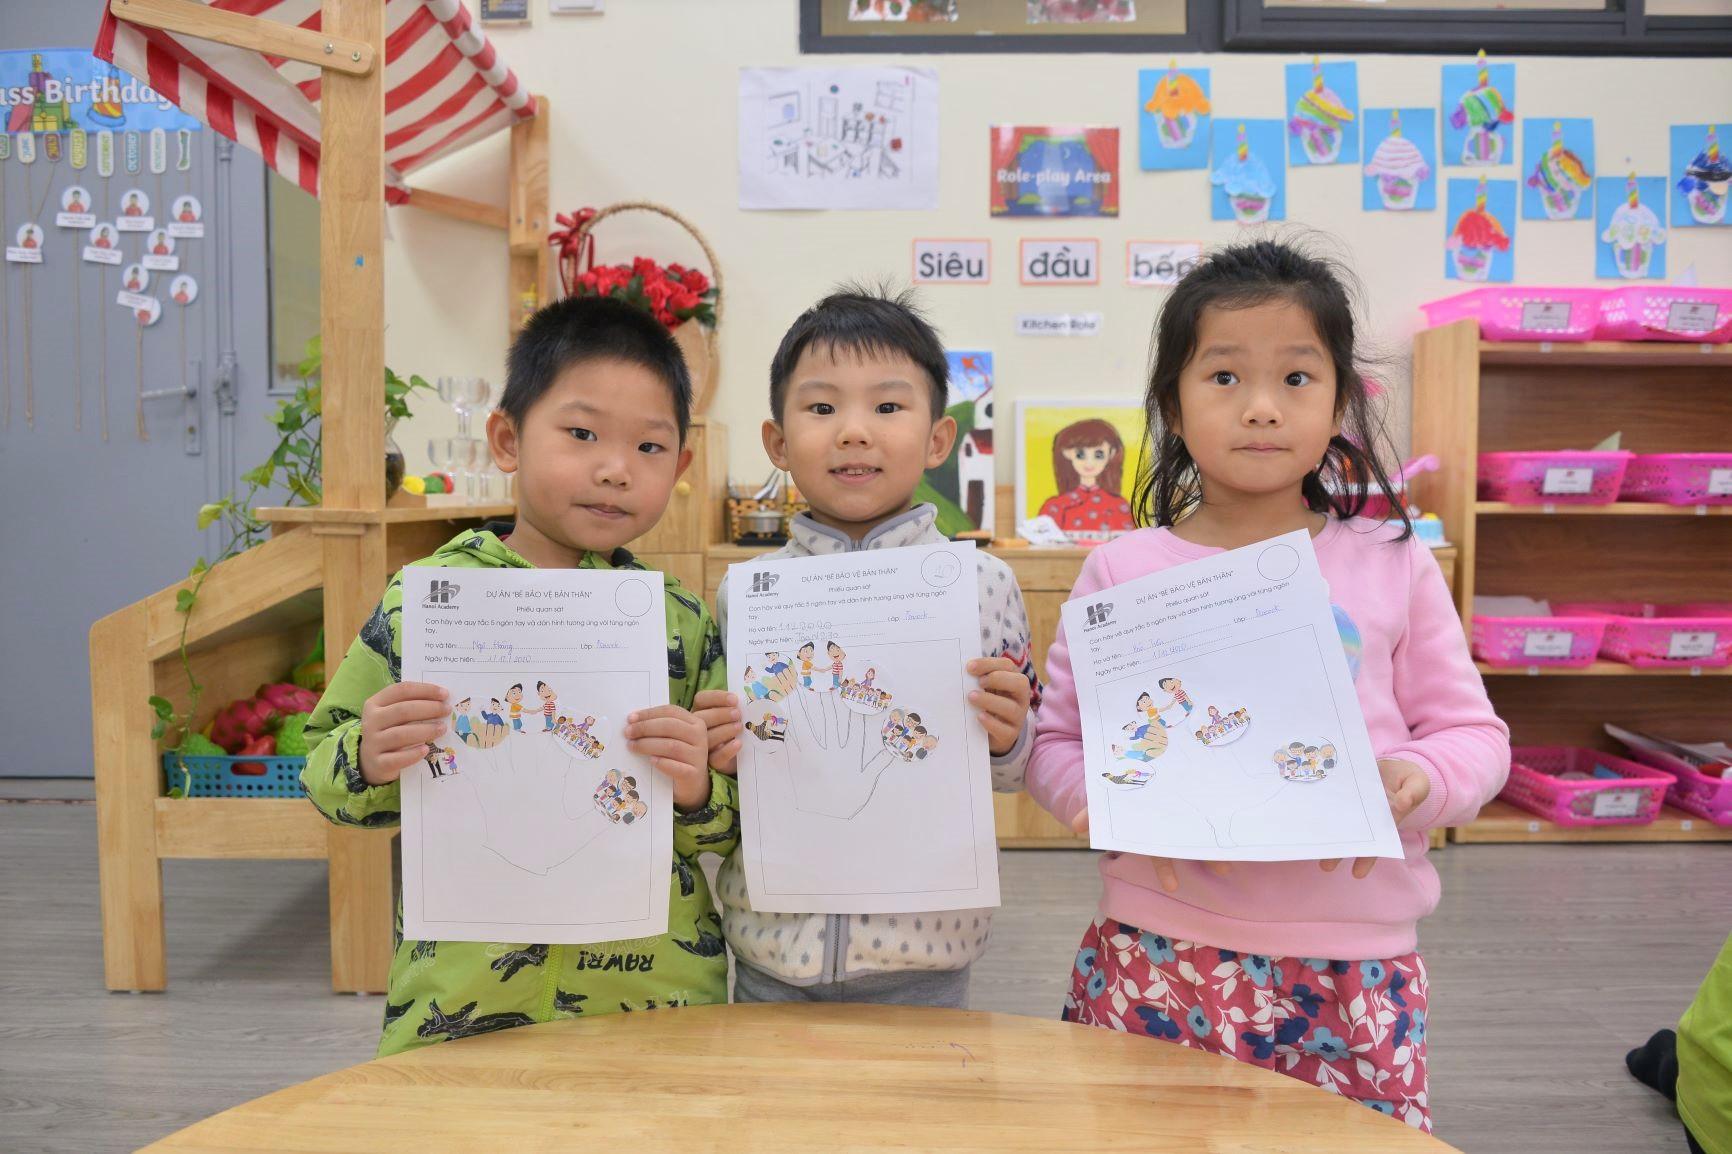 """Cùng học quy tắc: """"Năm ngón tay xinh"""" với các bạn nhỏ trường MN Hanoi Academy."""